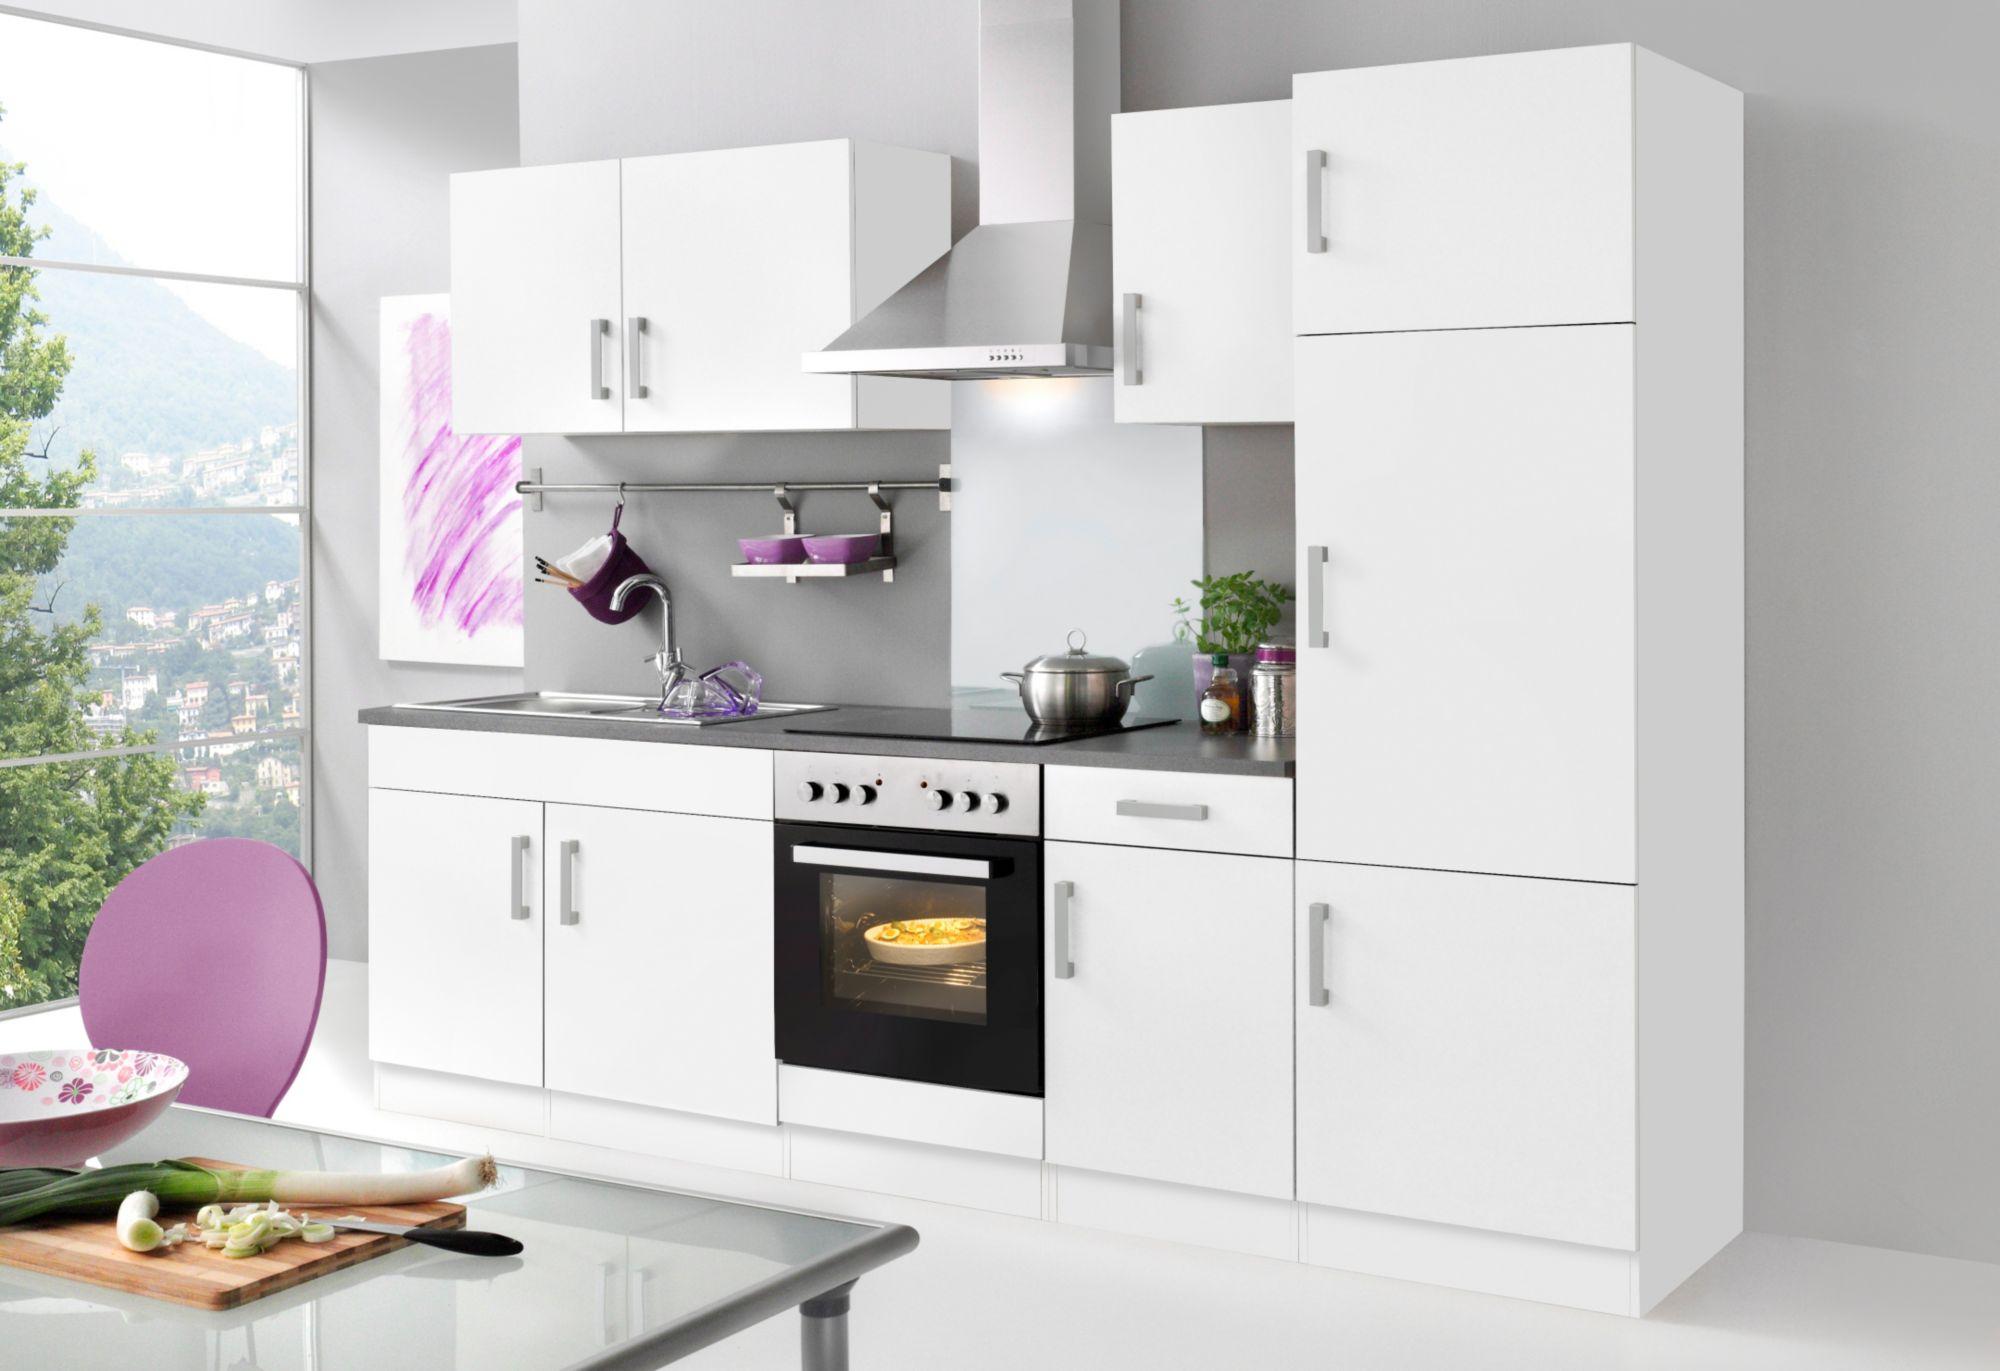 Held Möbel Küchenzeile Mit E Geräten Melbourne Schwab